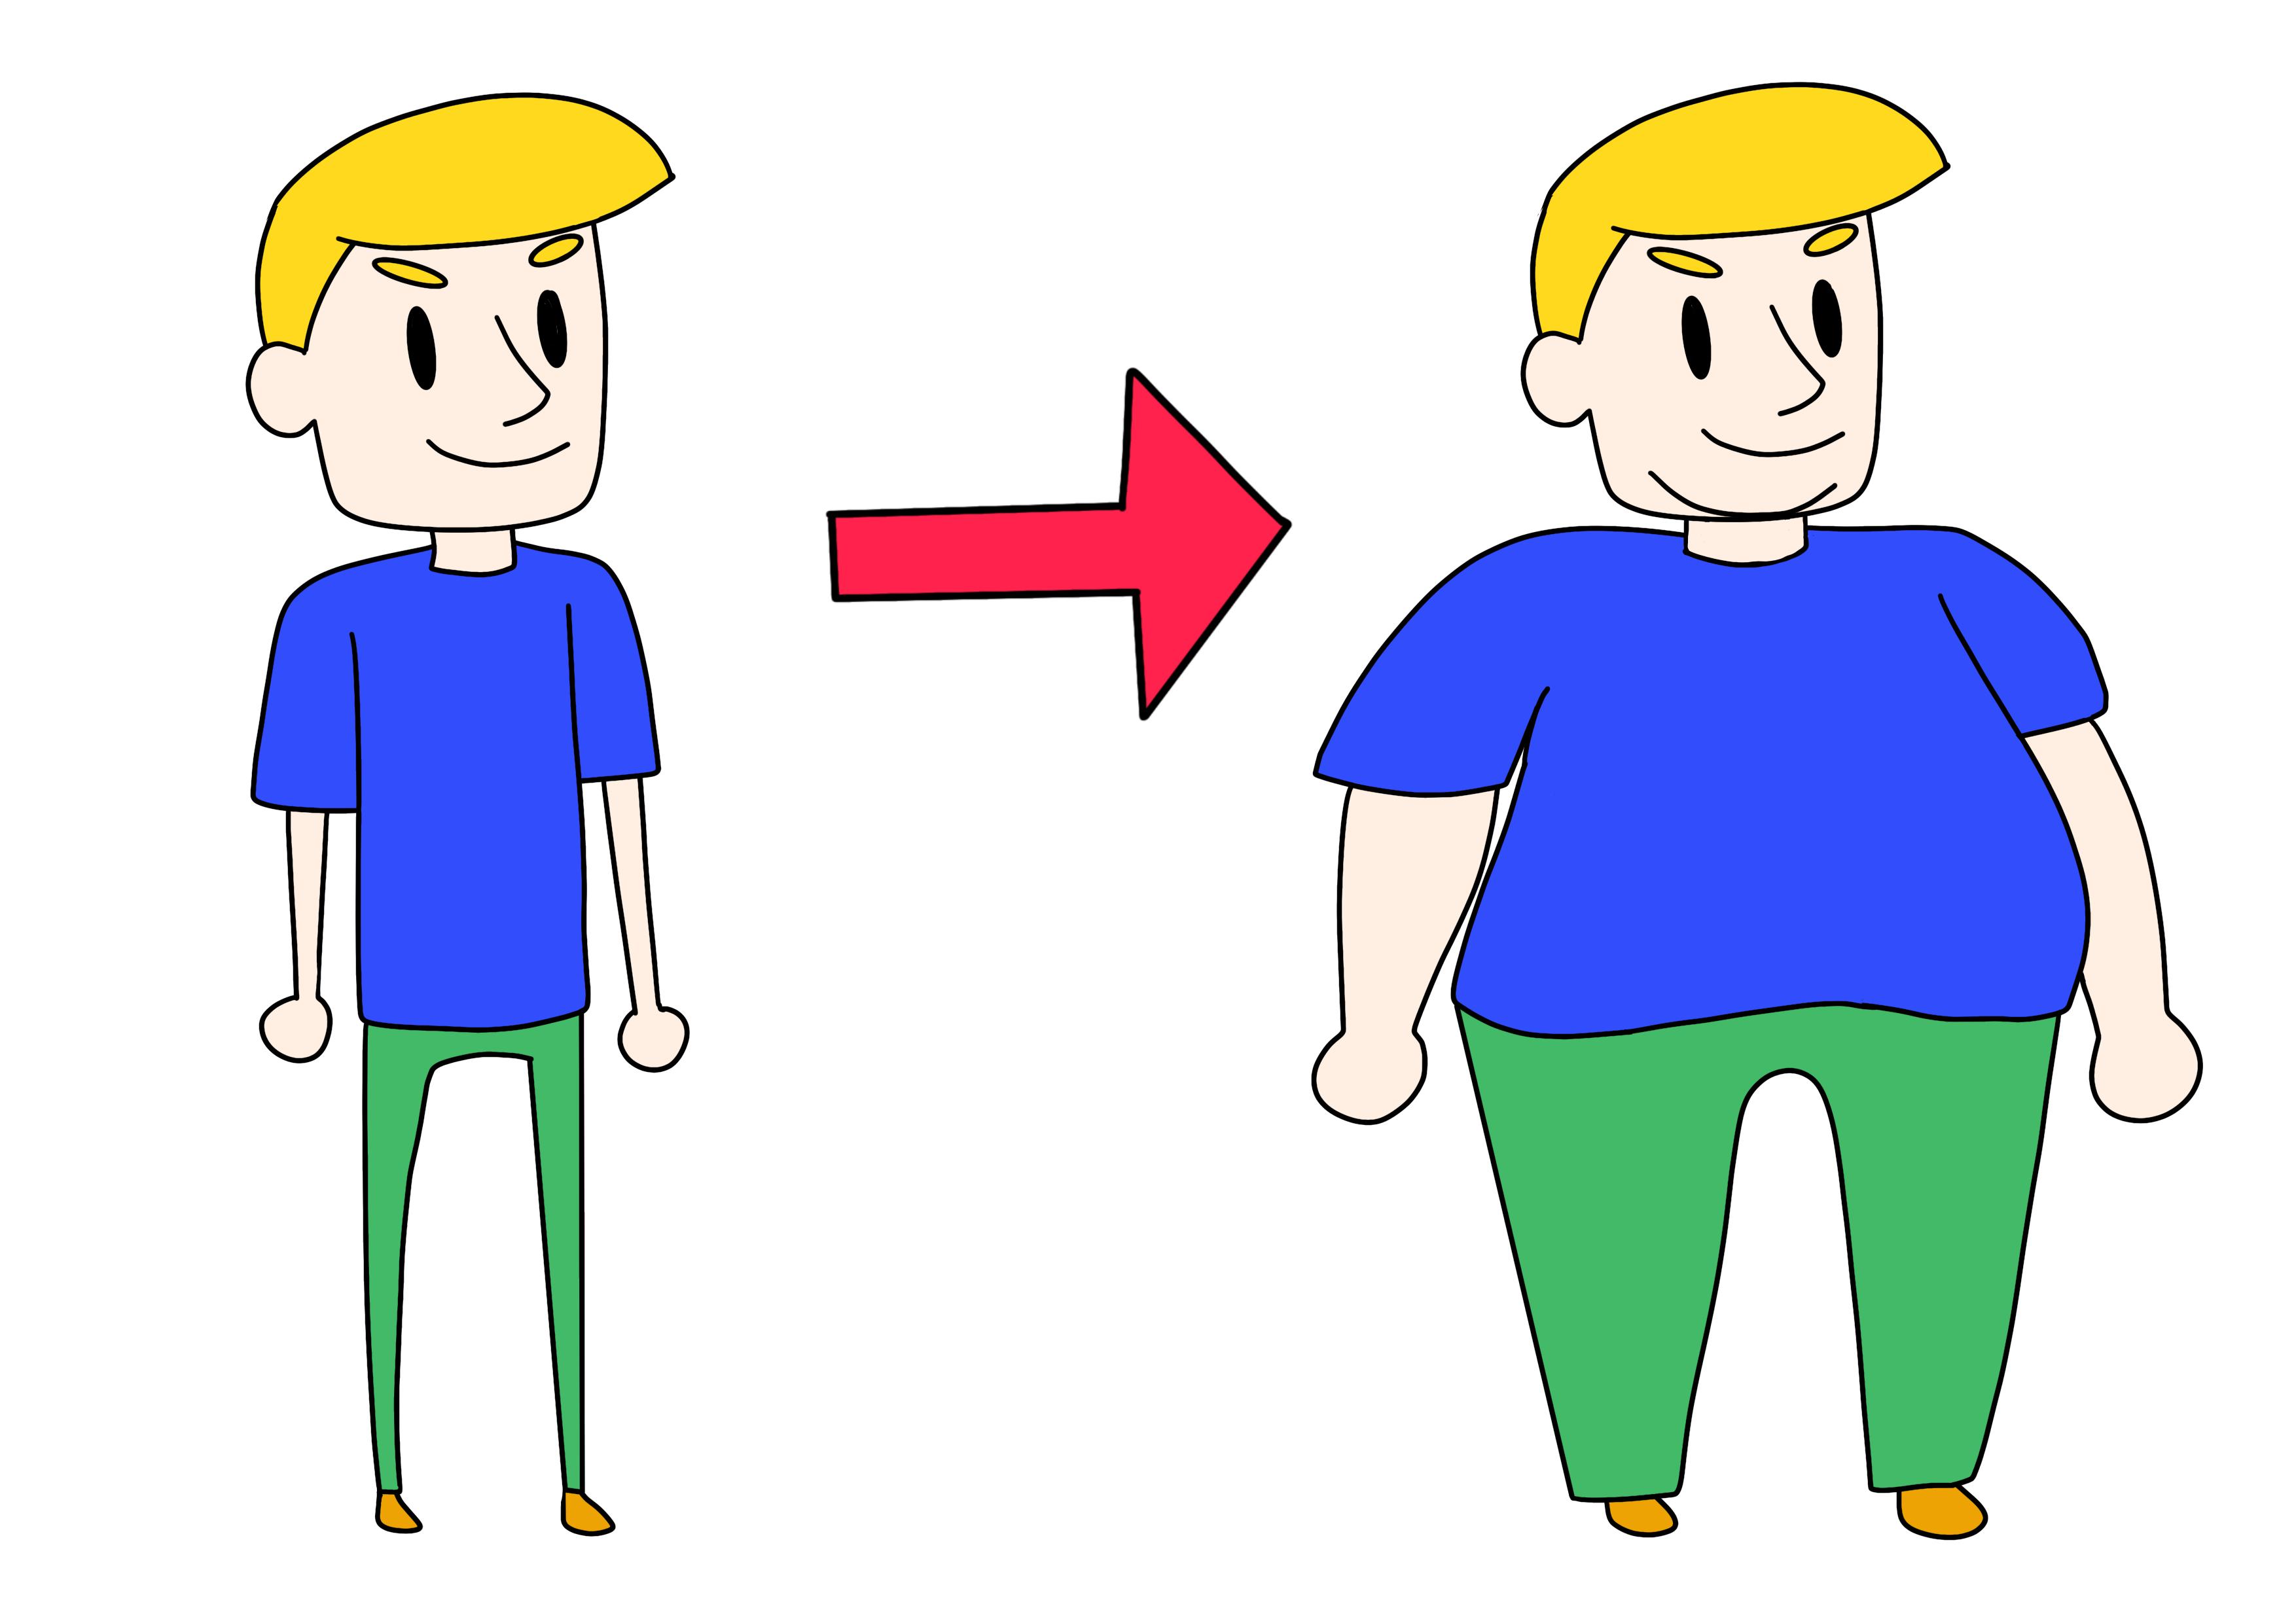 39課イラスト【太る】